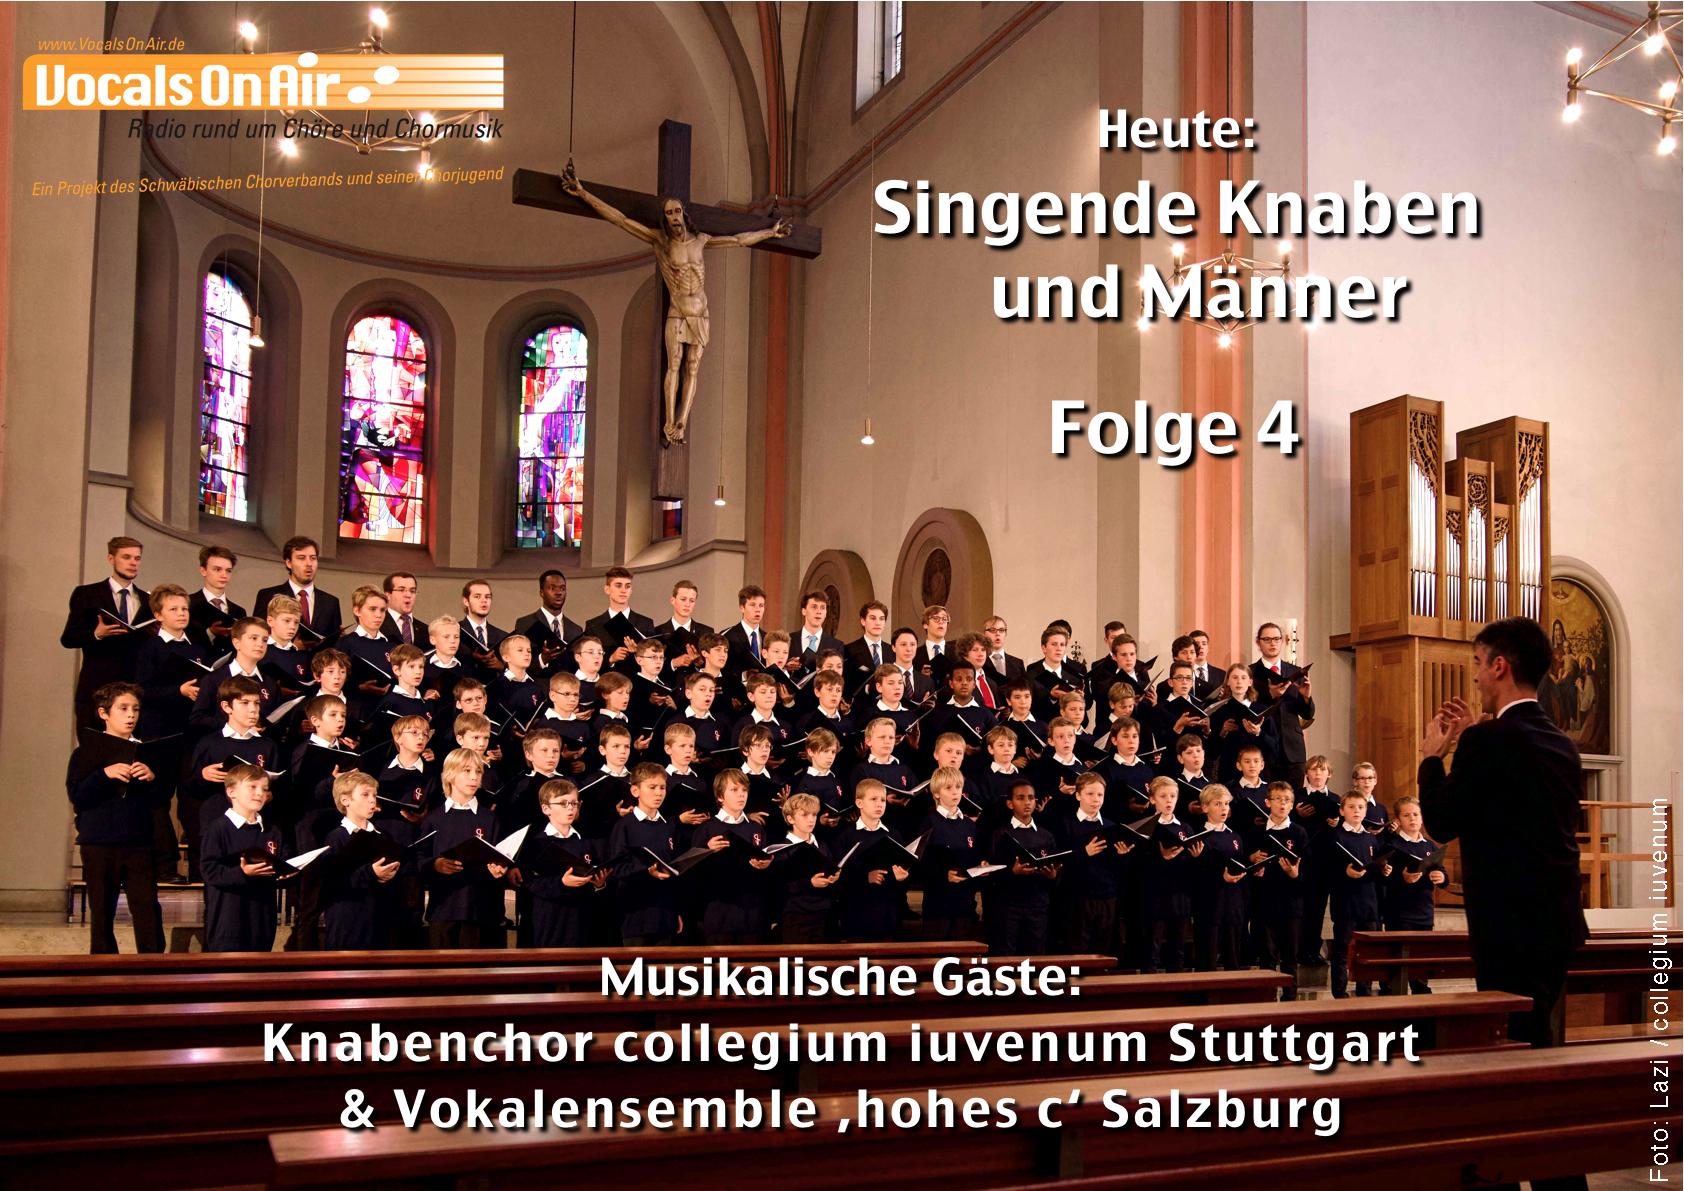 Singende Knaben und Männer – Folge 4: Vocals On Air begrüßt Gäste aus Salzburg und Stuttgart